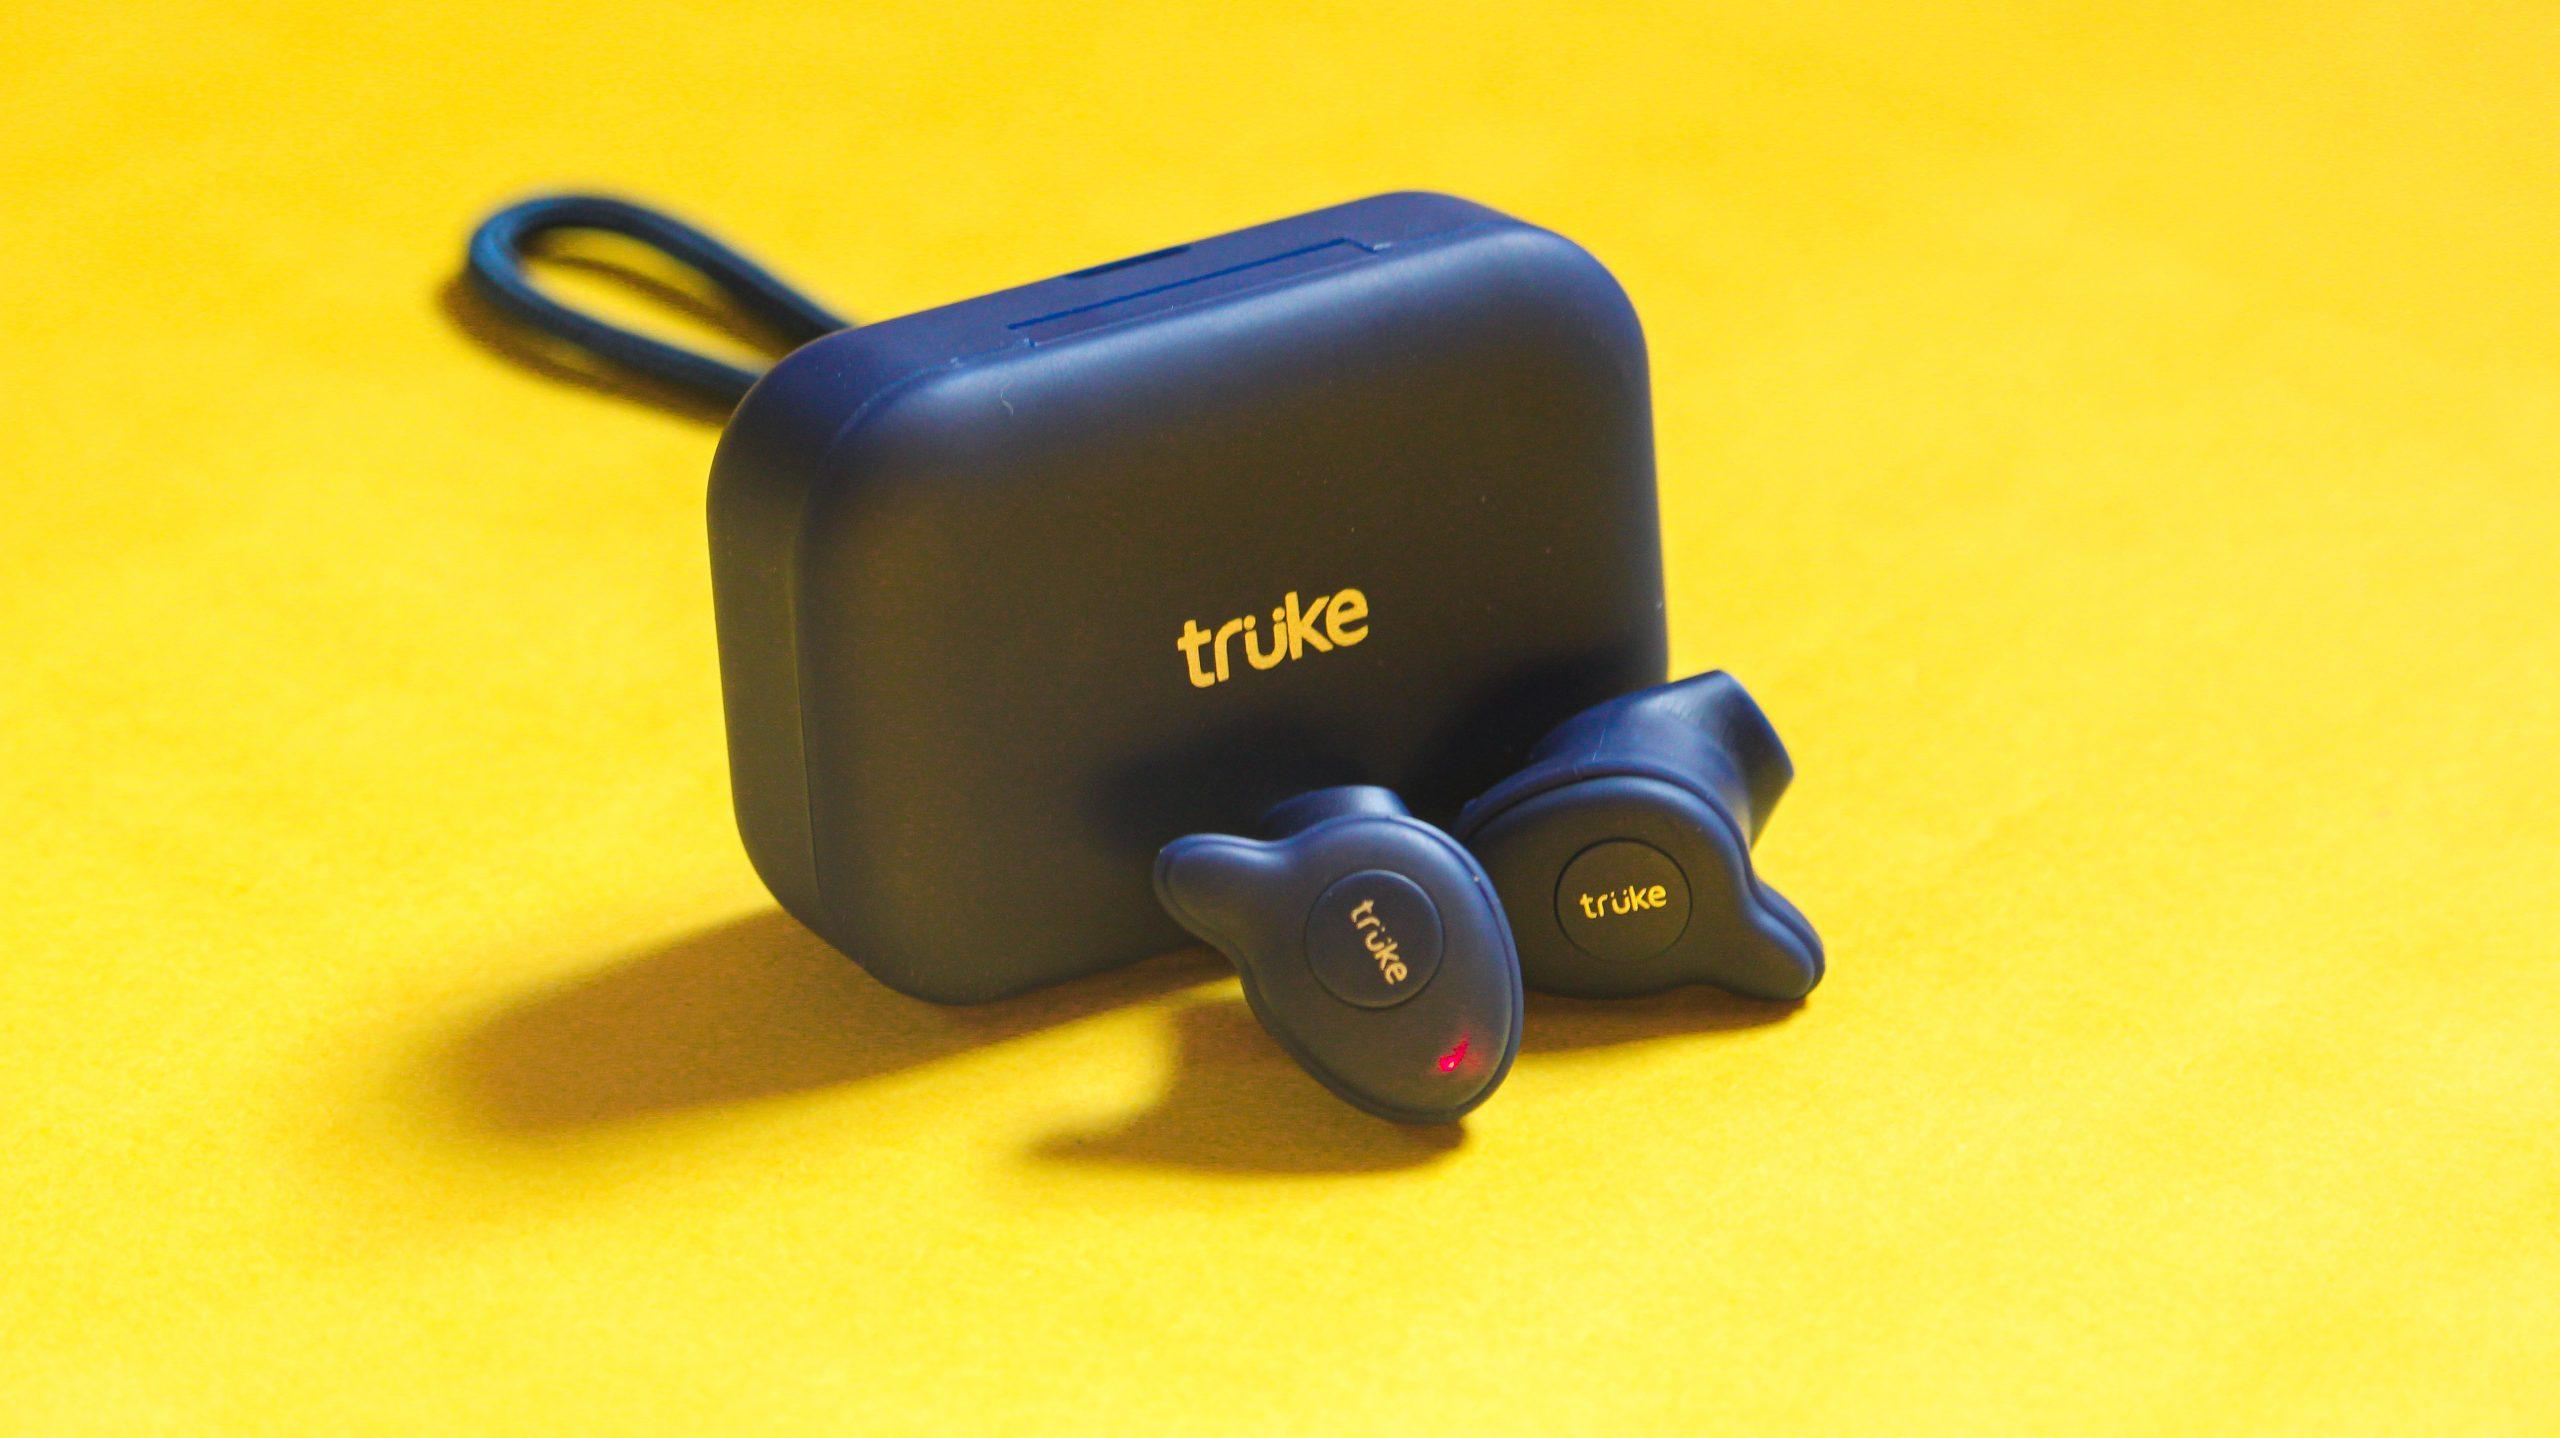 Truke wireless Bluetooth earphones